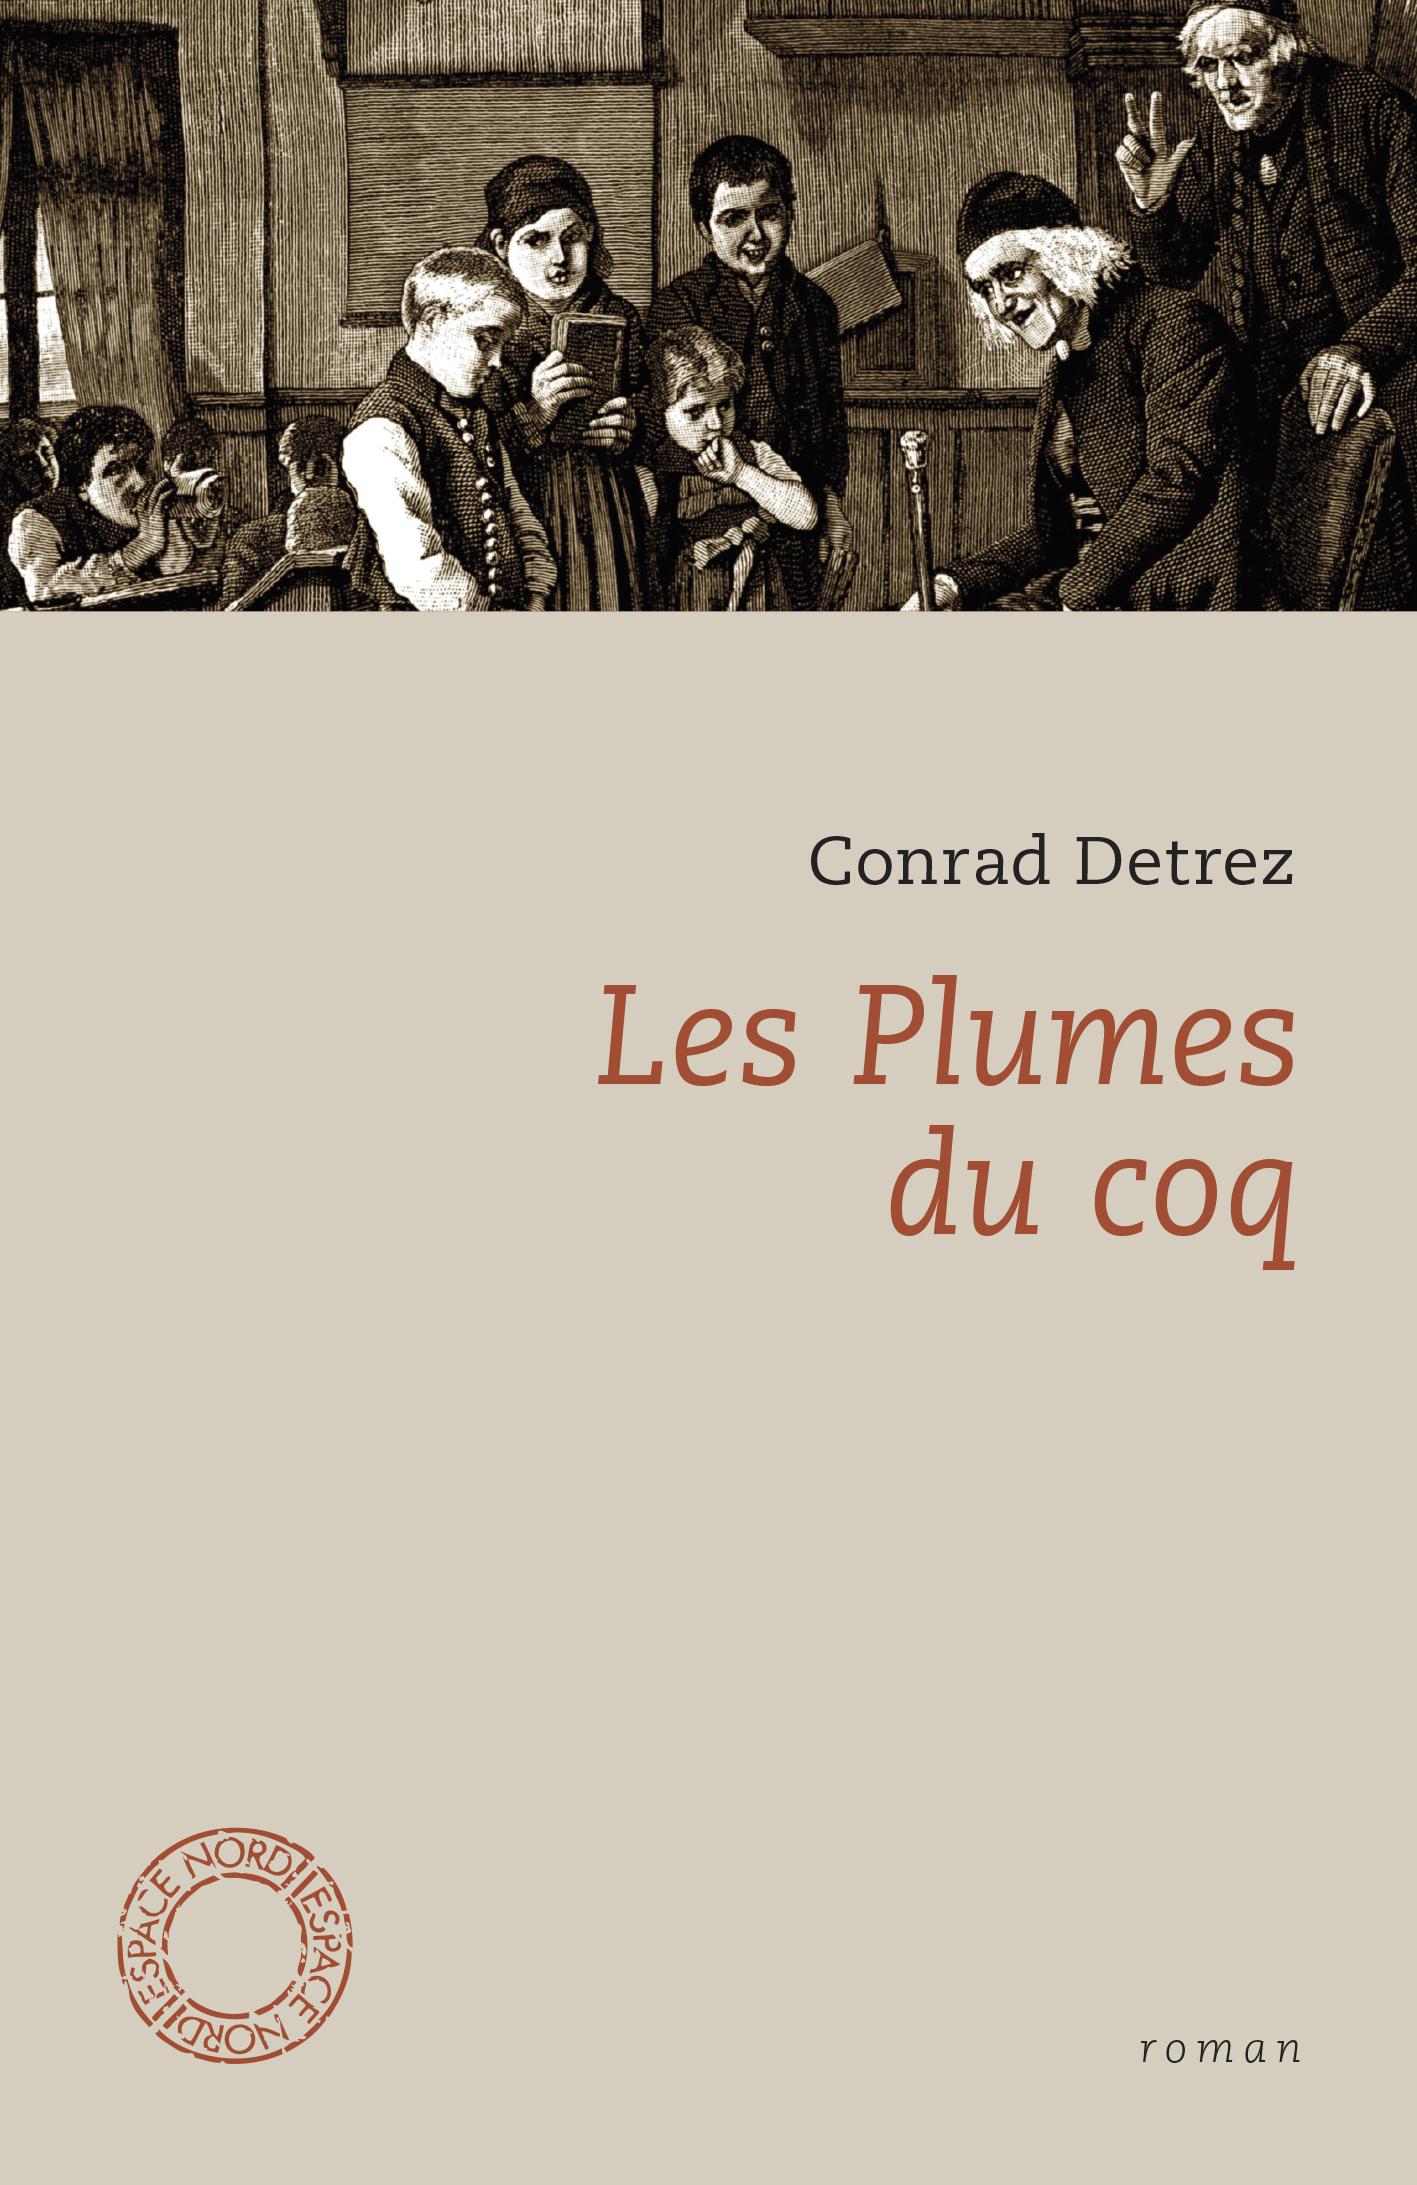 C. Detrez, Les Plumes du coq